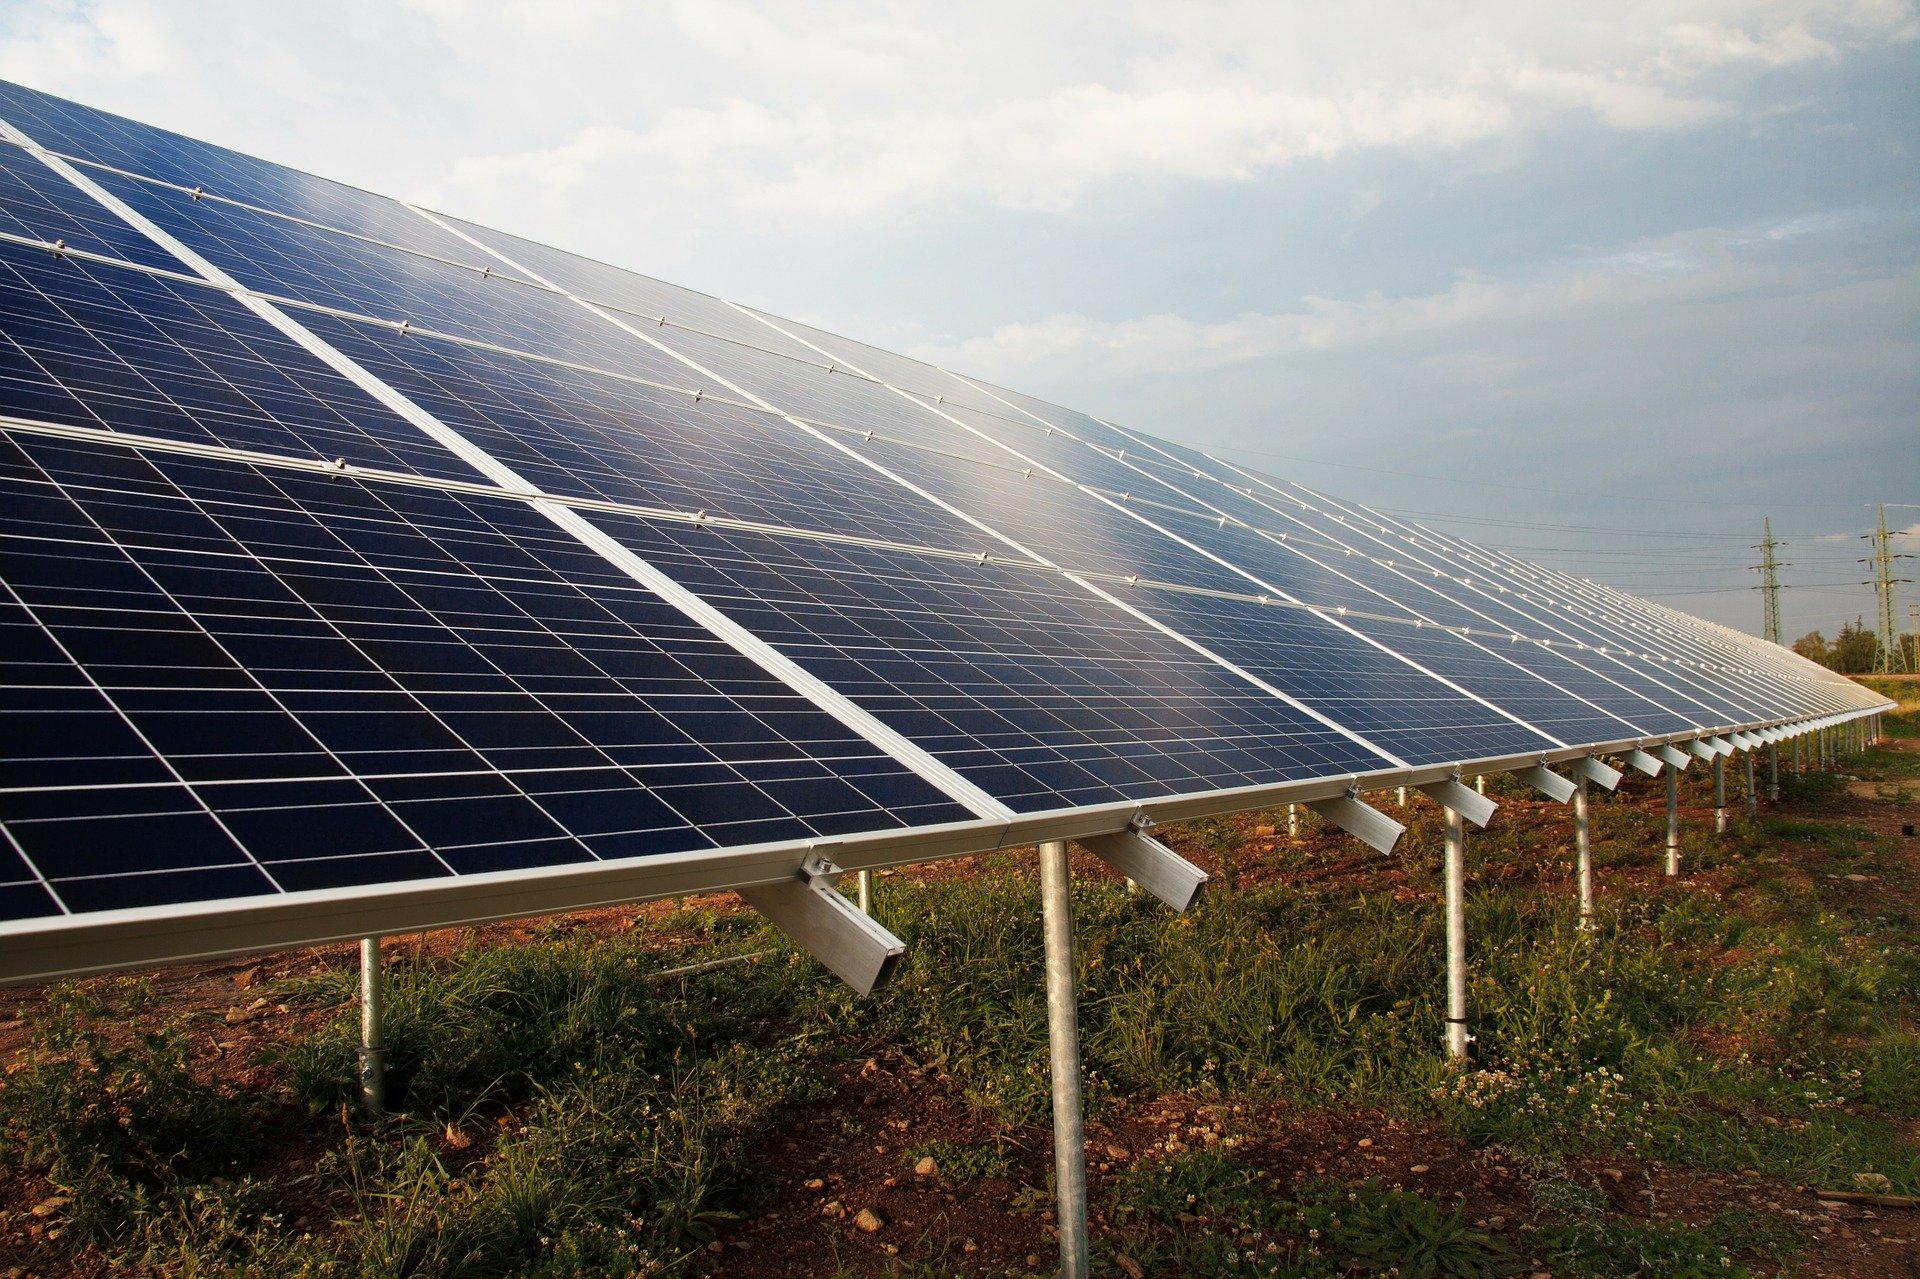 Energía solar para generación de electricidad